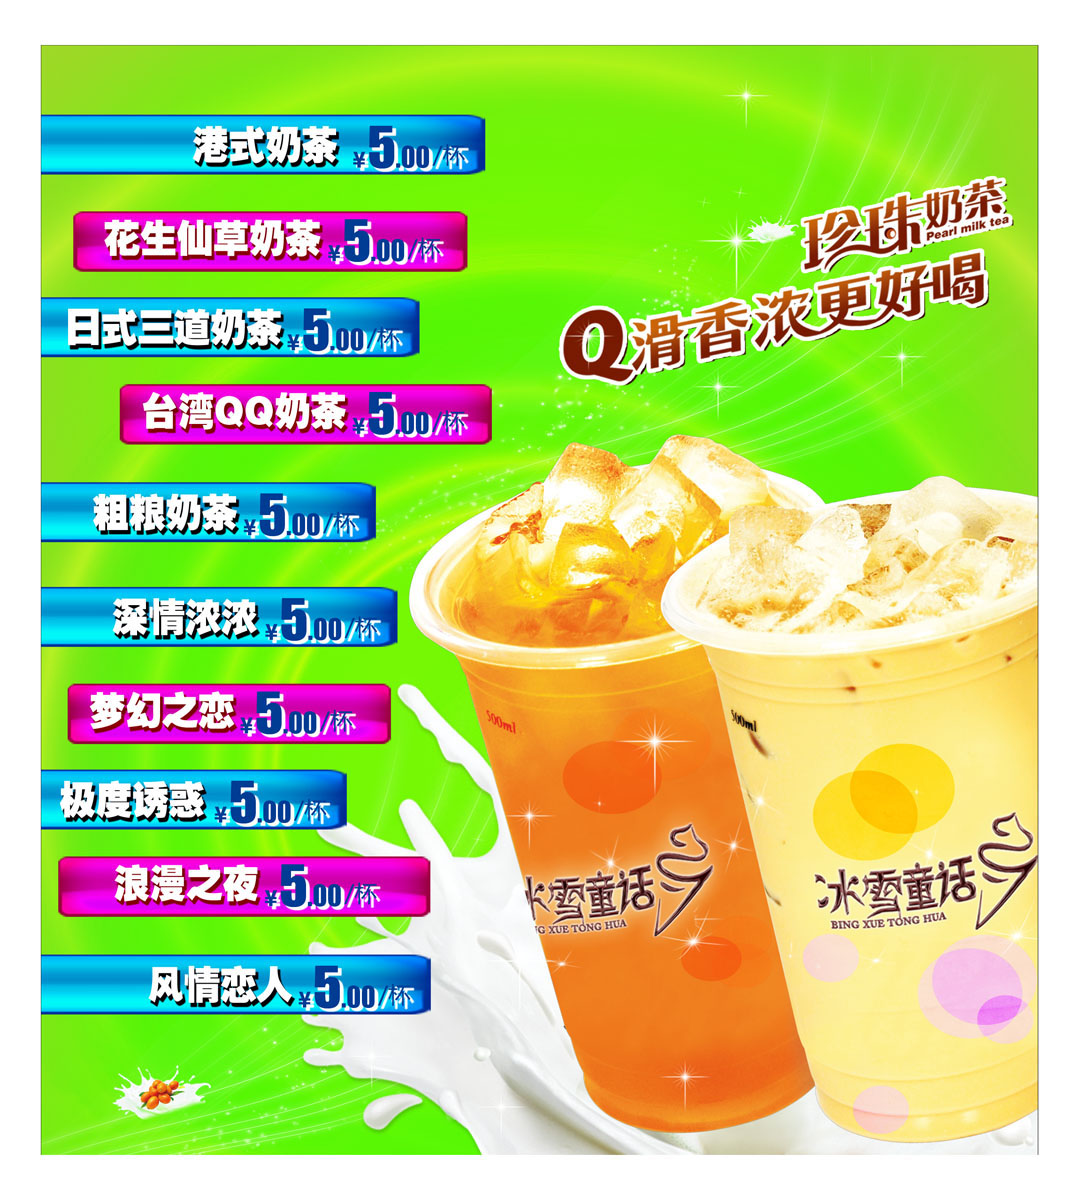 海报展板卓画家居饰品E86/339各种口味珍珠奶茶价格